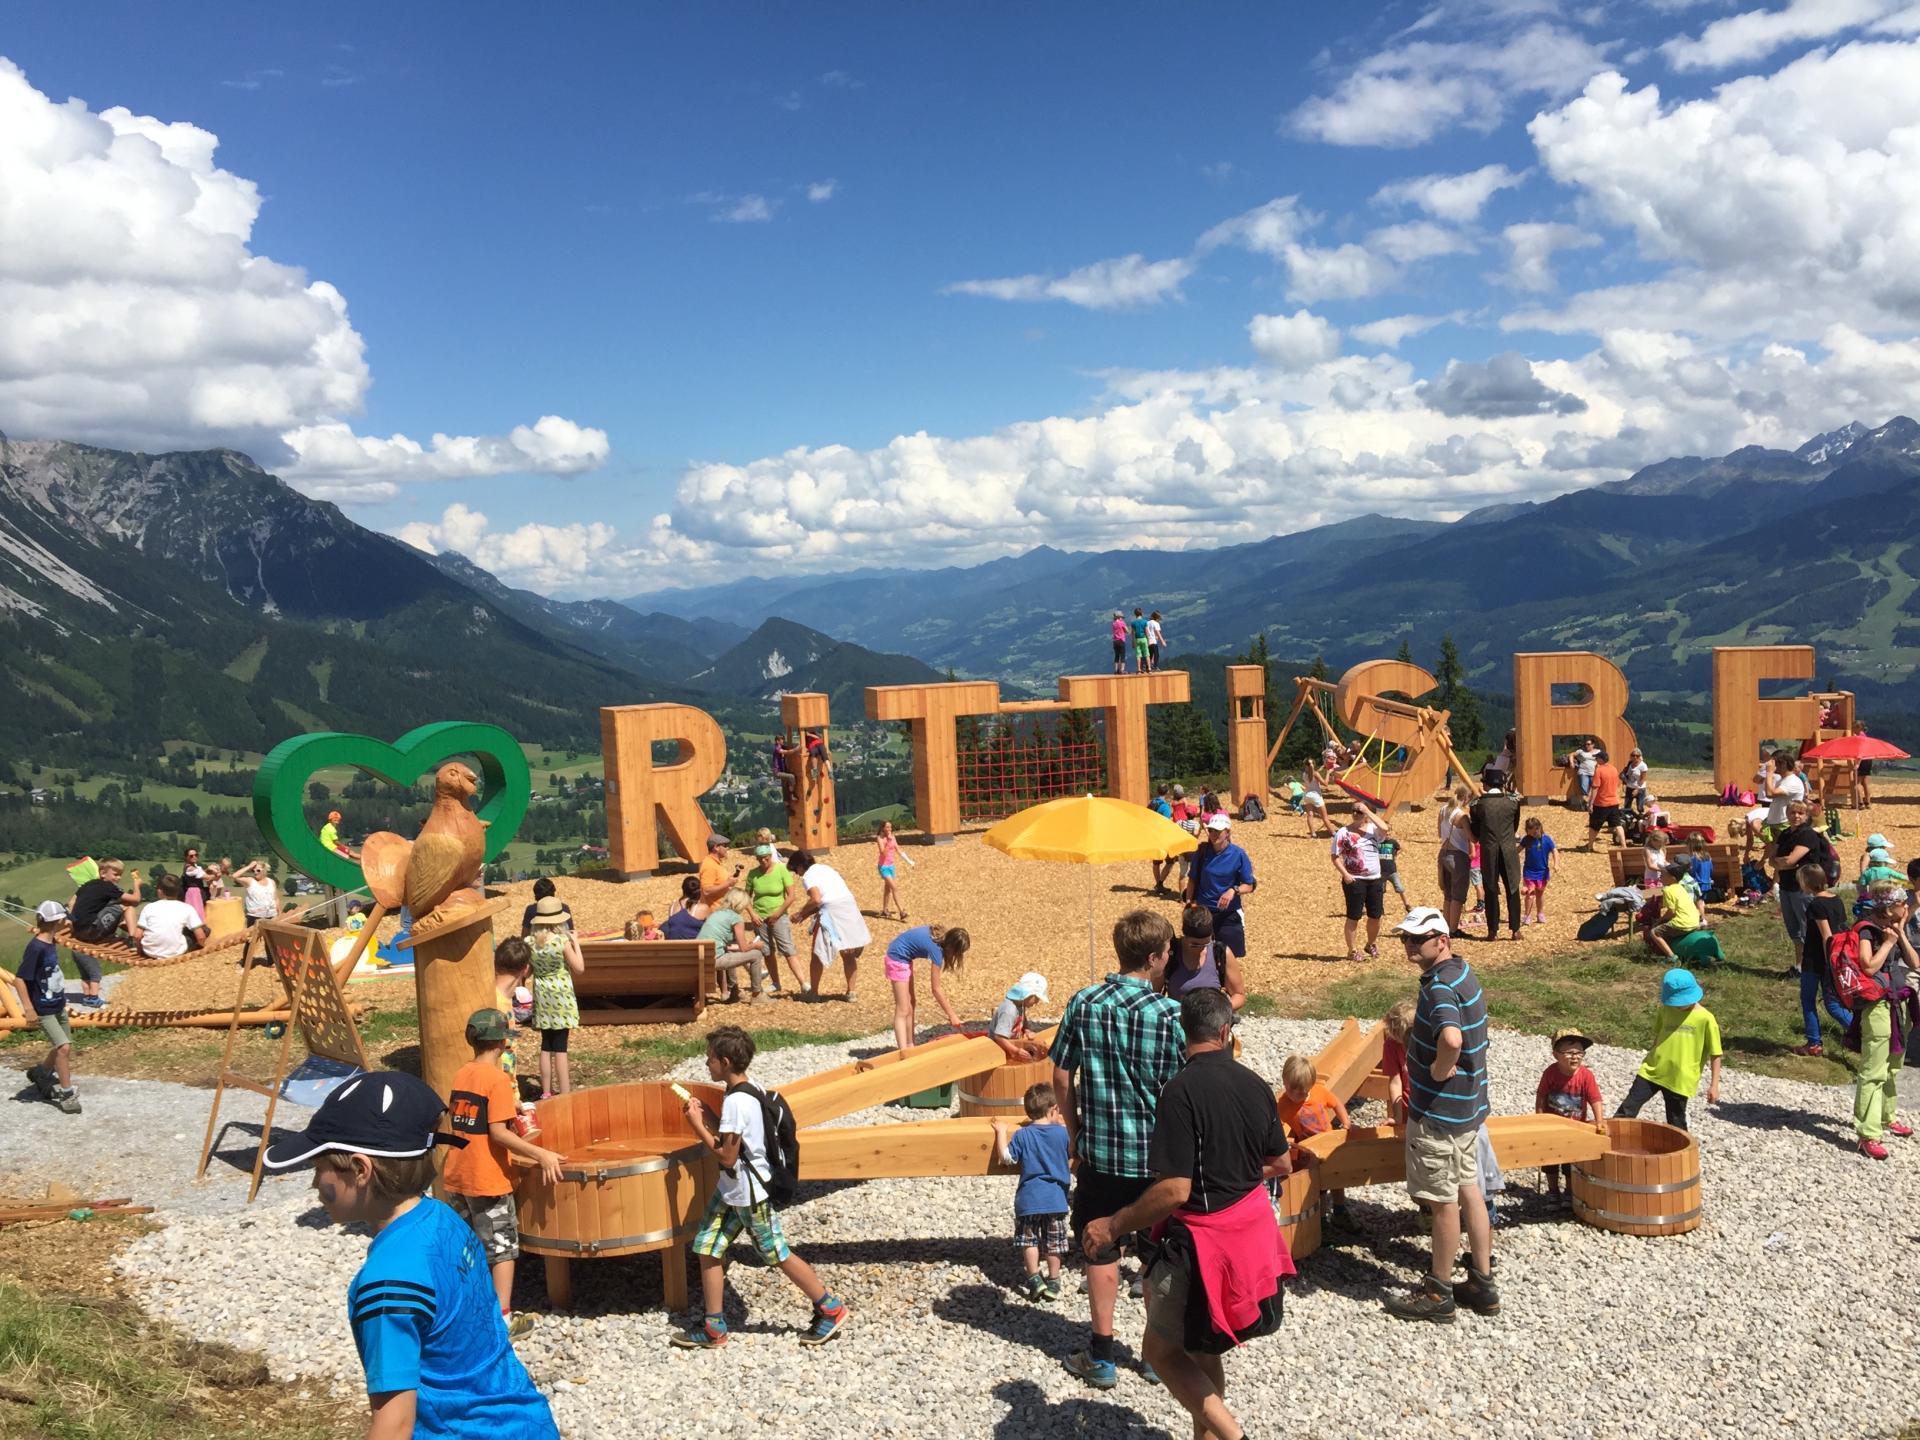 Camping Dachstein und Pension Gsenger #Bildergalerie#Aktivitäten